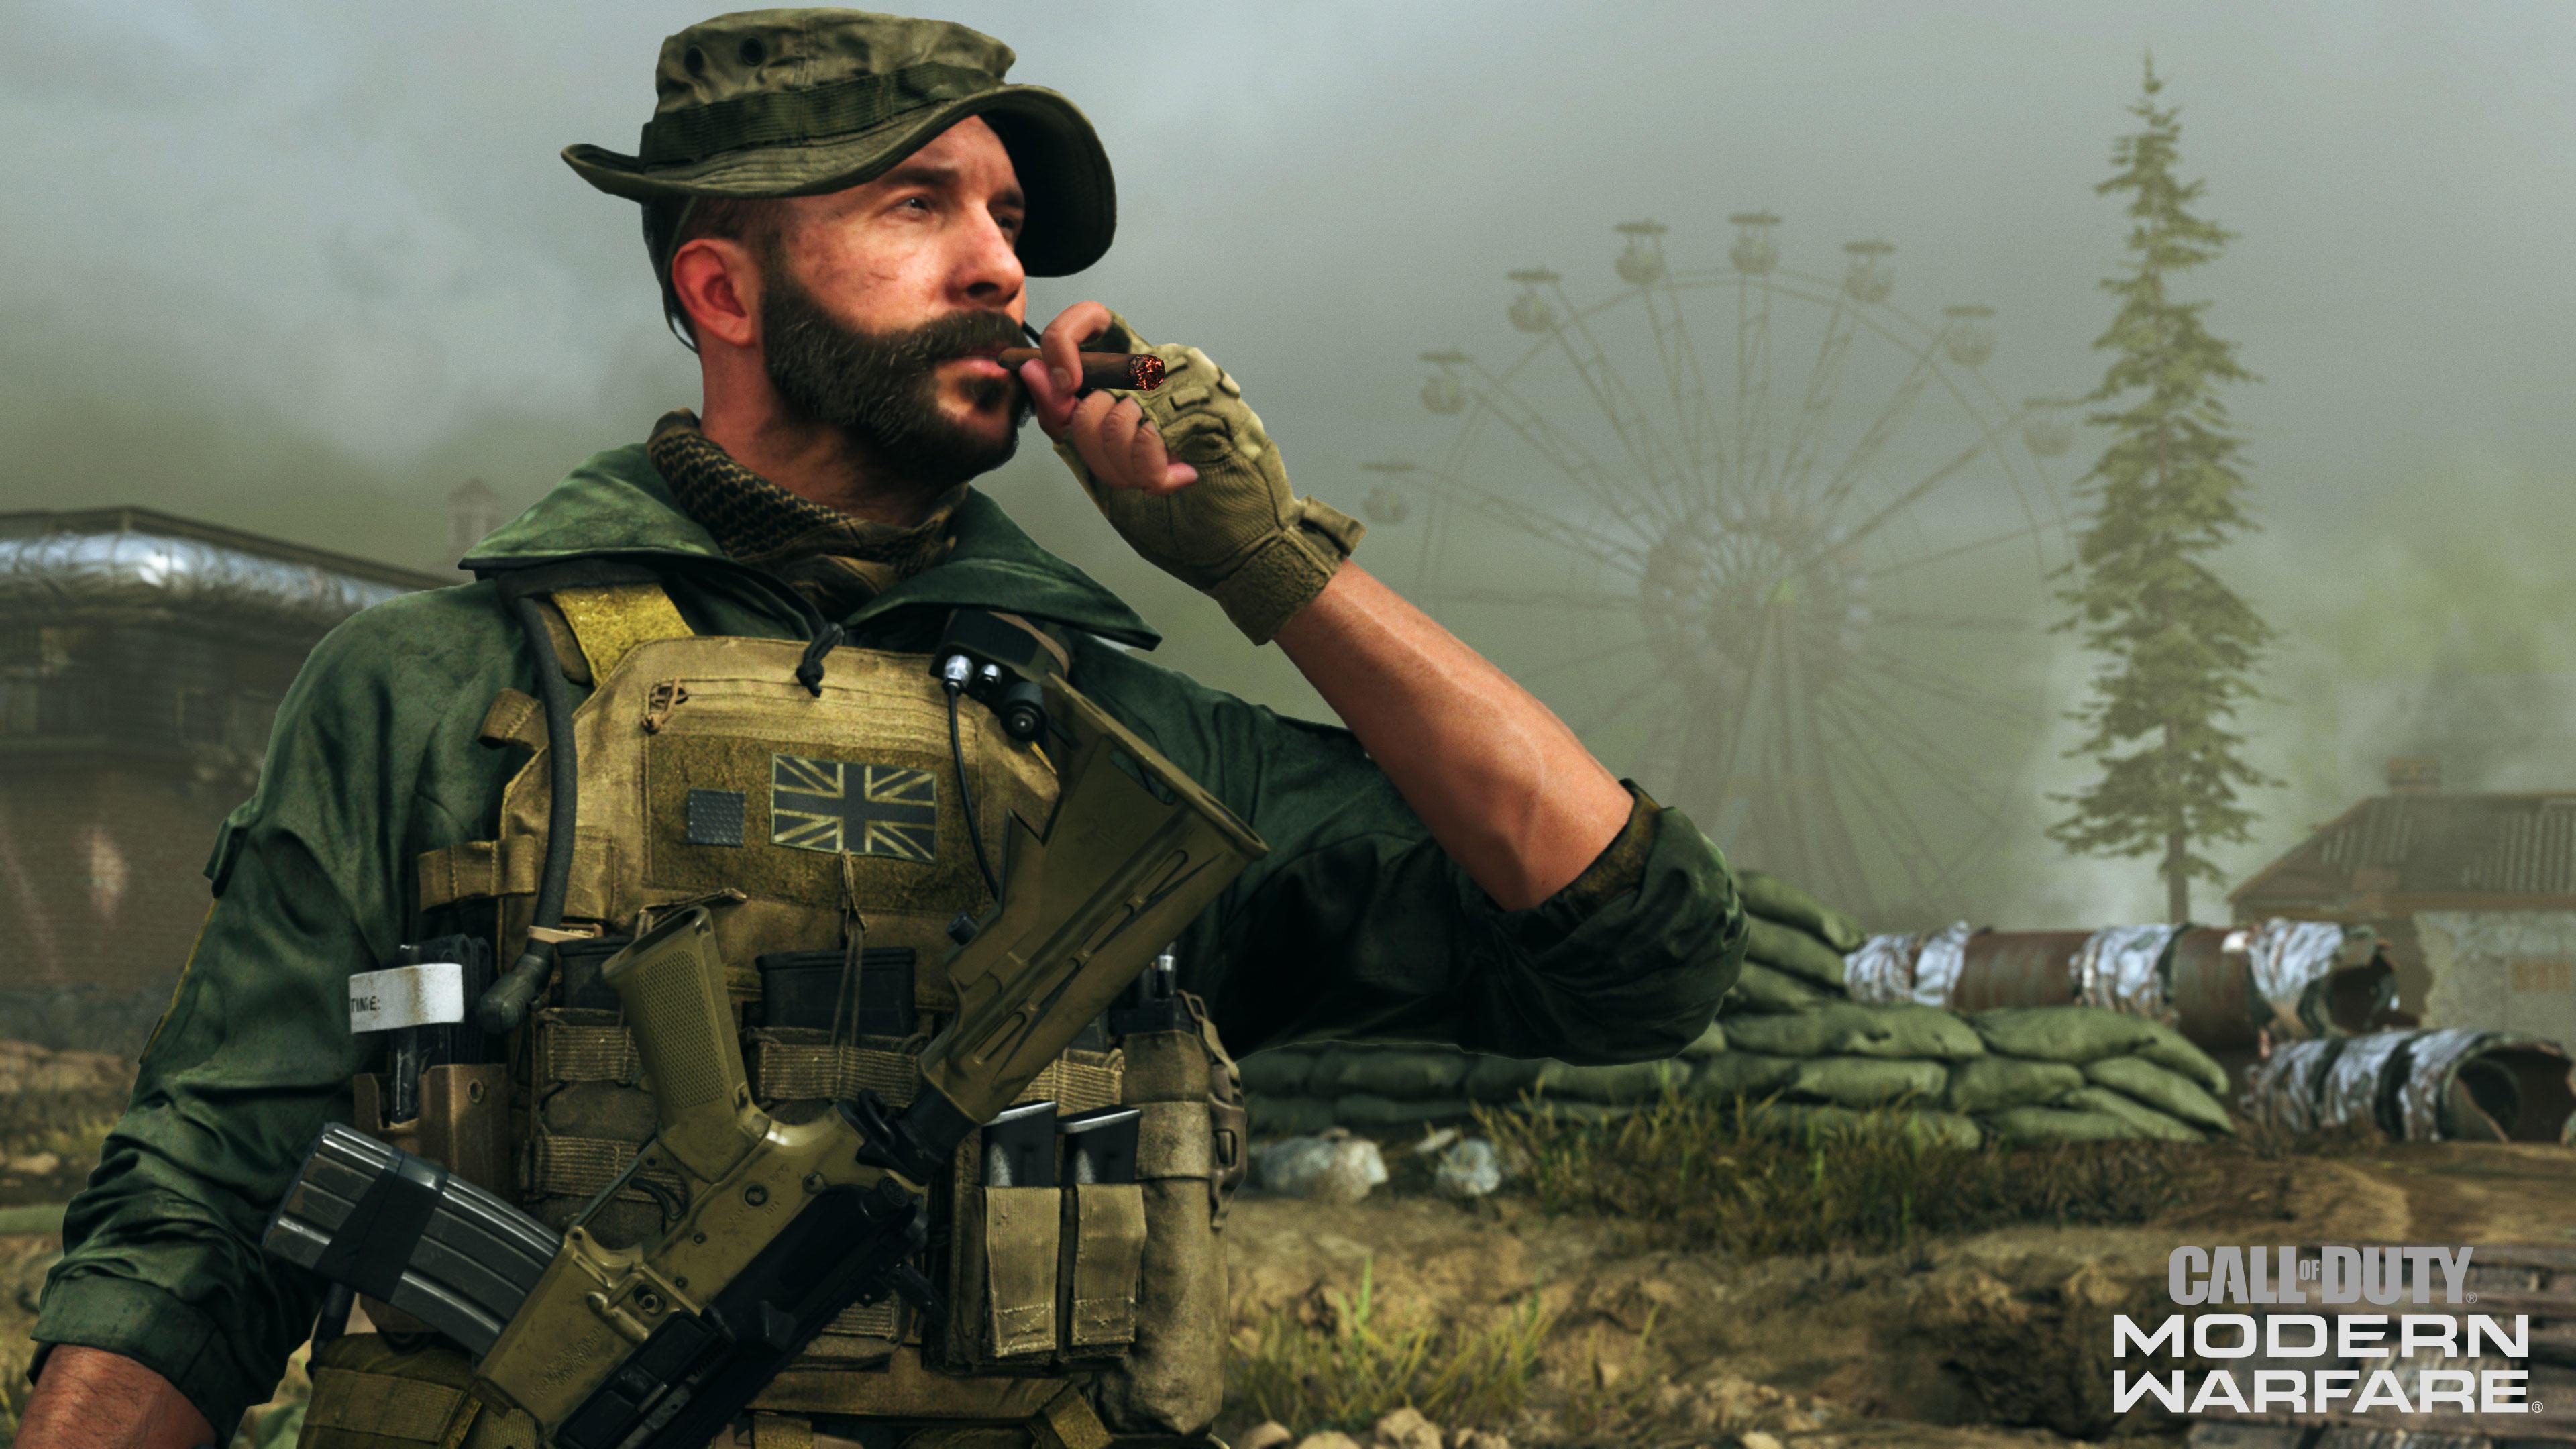 使命召唤16多人模式游戏列表更新内容一览